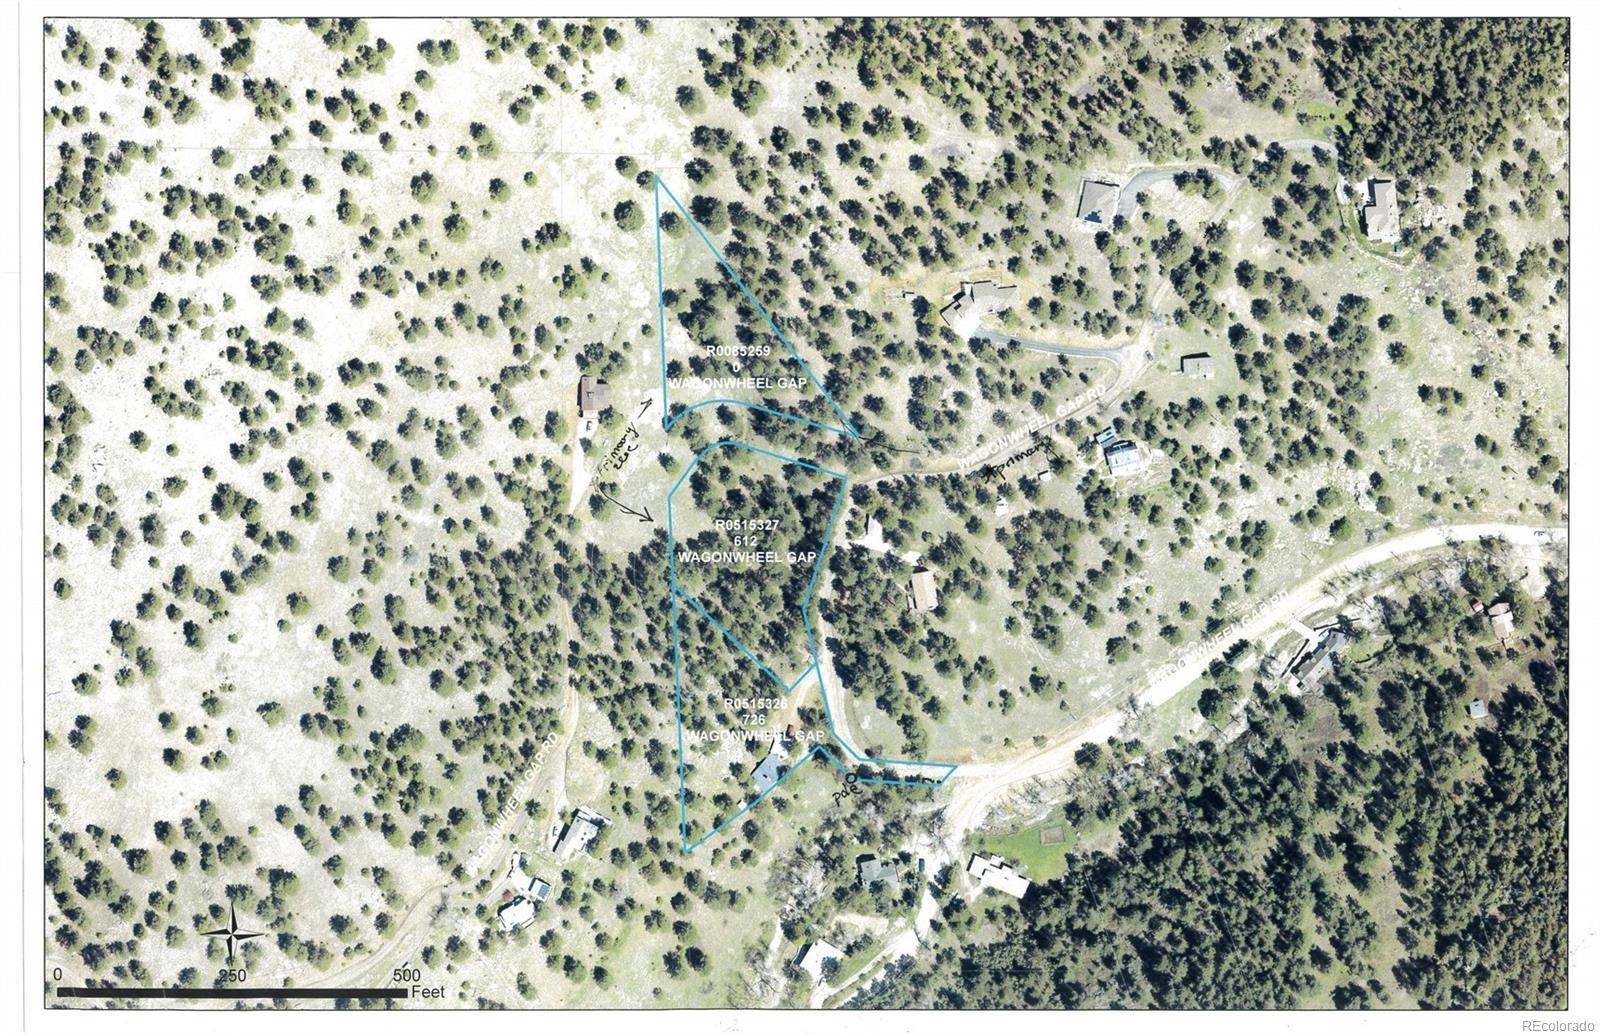 612 Wagon wheel Gap Road, Boulder, CO 80302 - Boulder, CO real estate listing